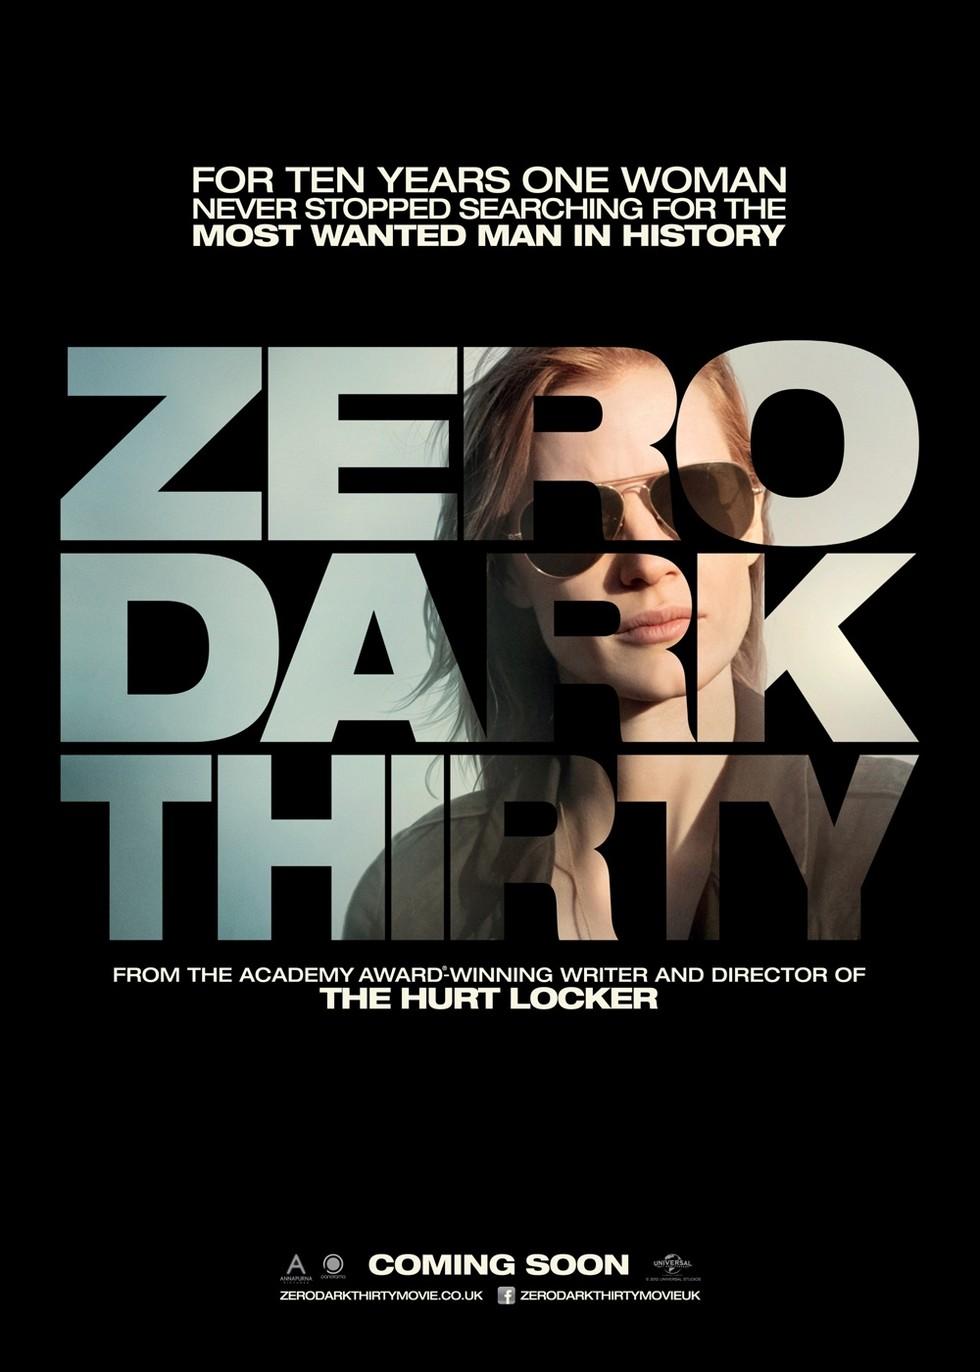 Zero Dark Thirty - Movie Poster #2 (Large)